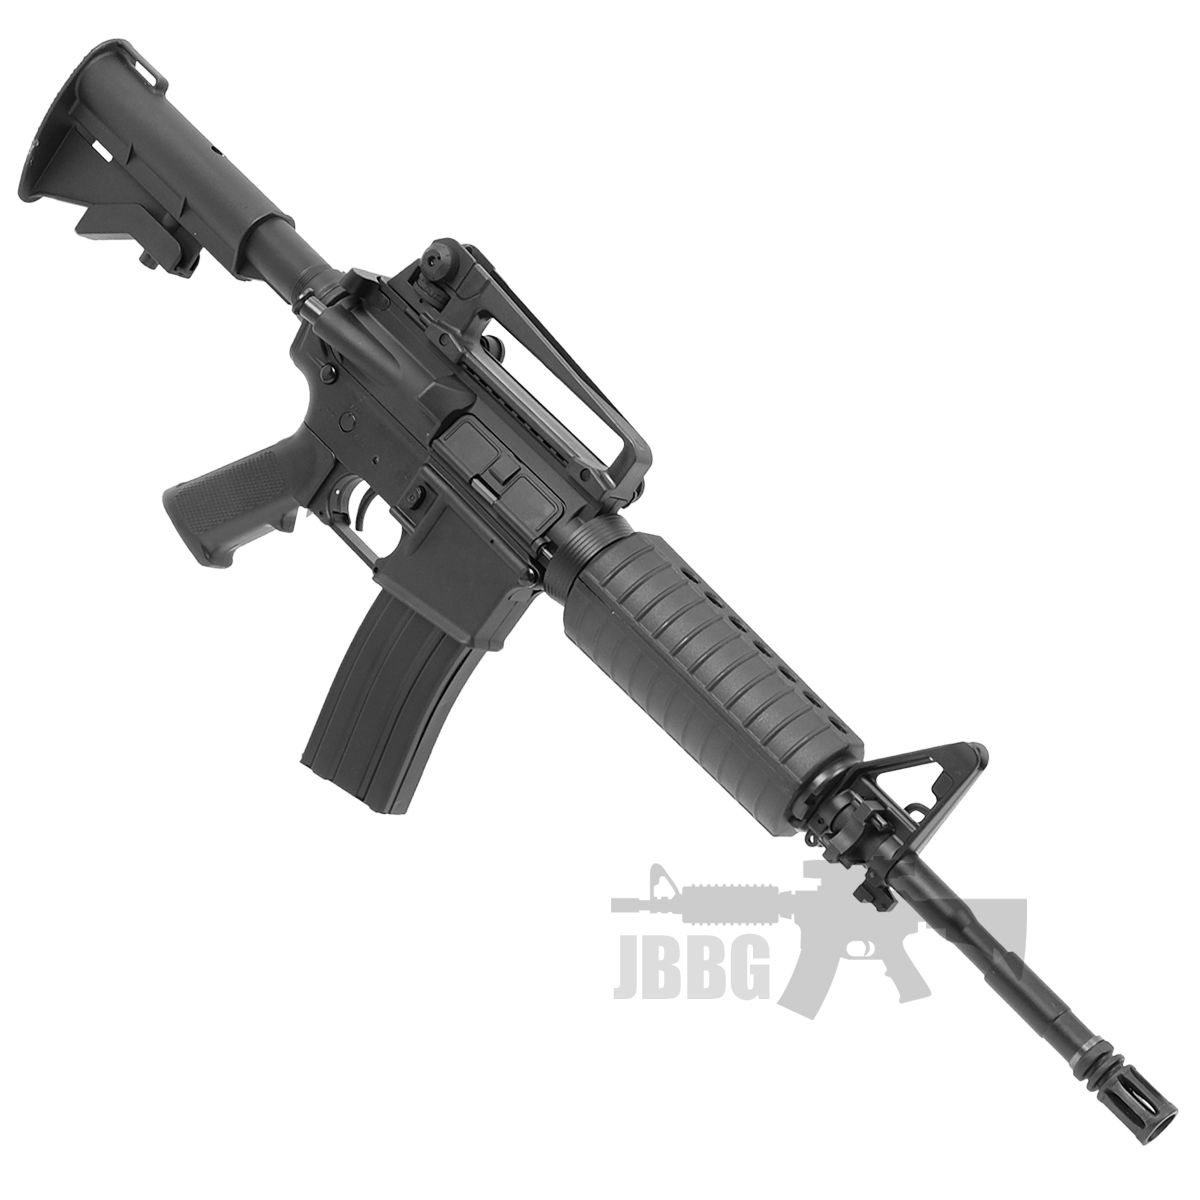 SR4A1 M4 Carbine Sportline AEG Airsoft Gun 8